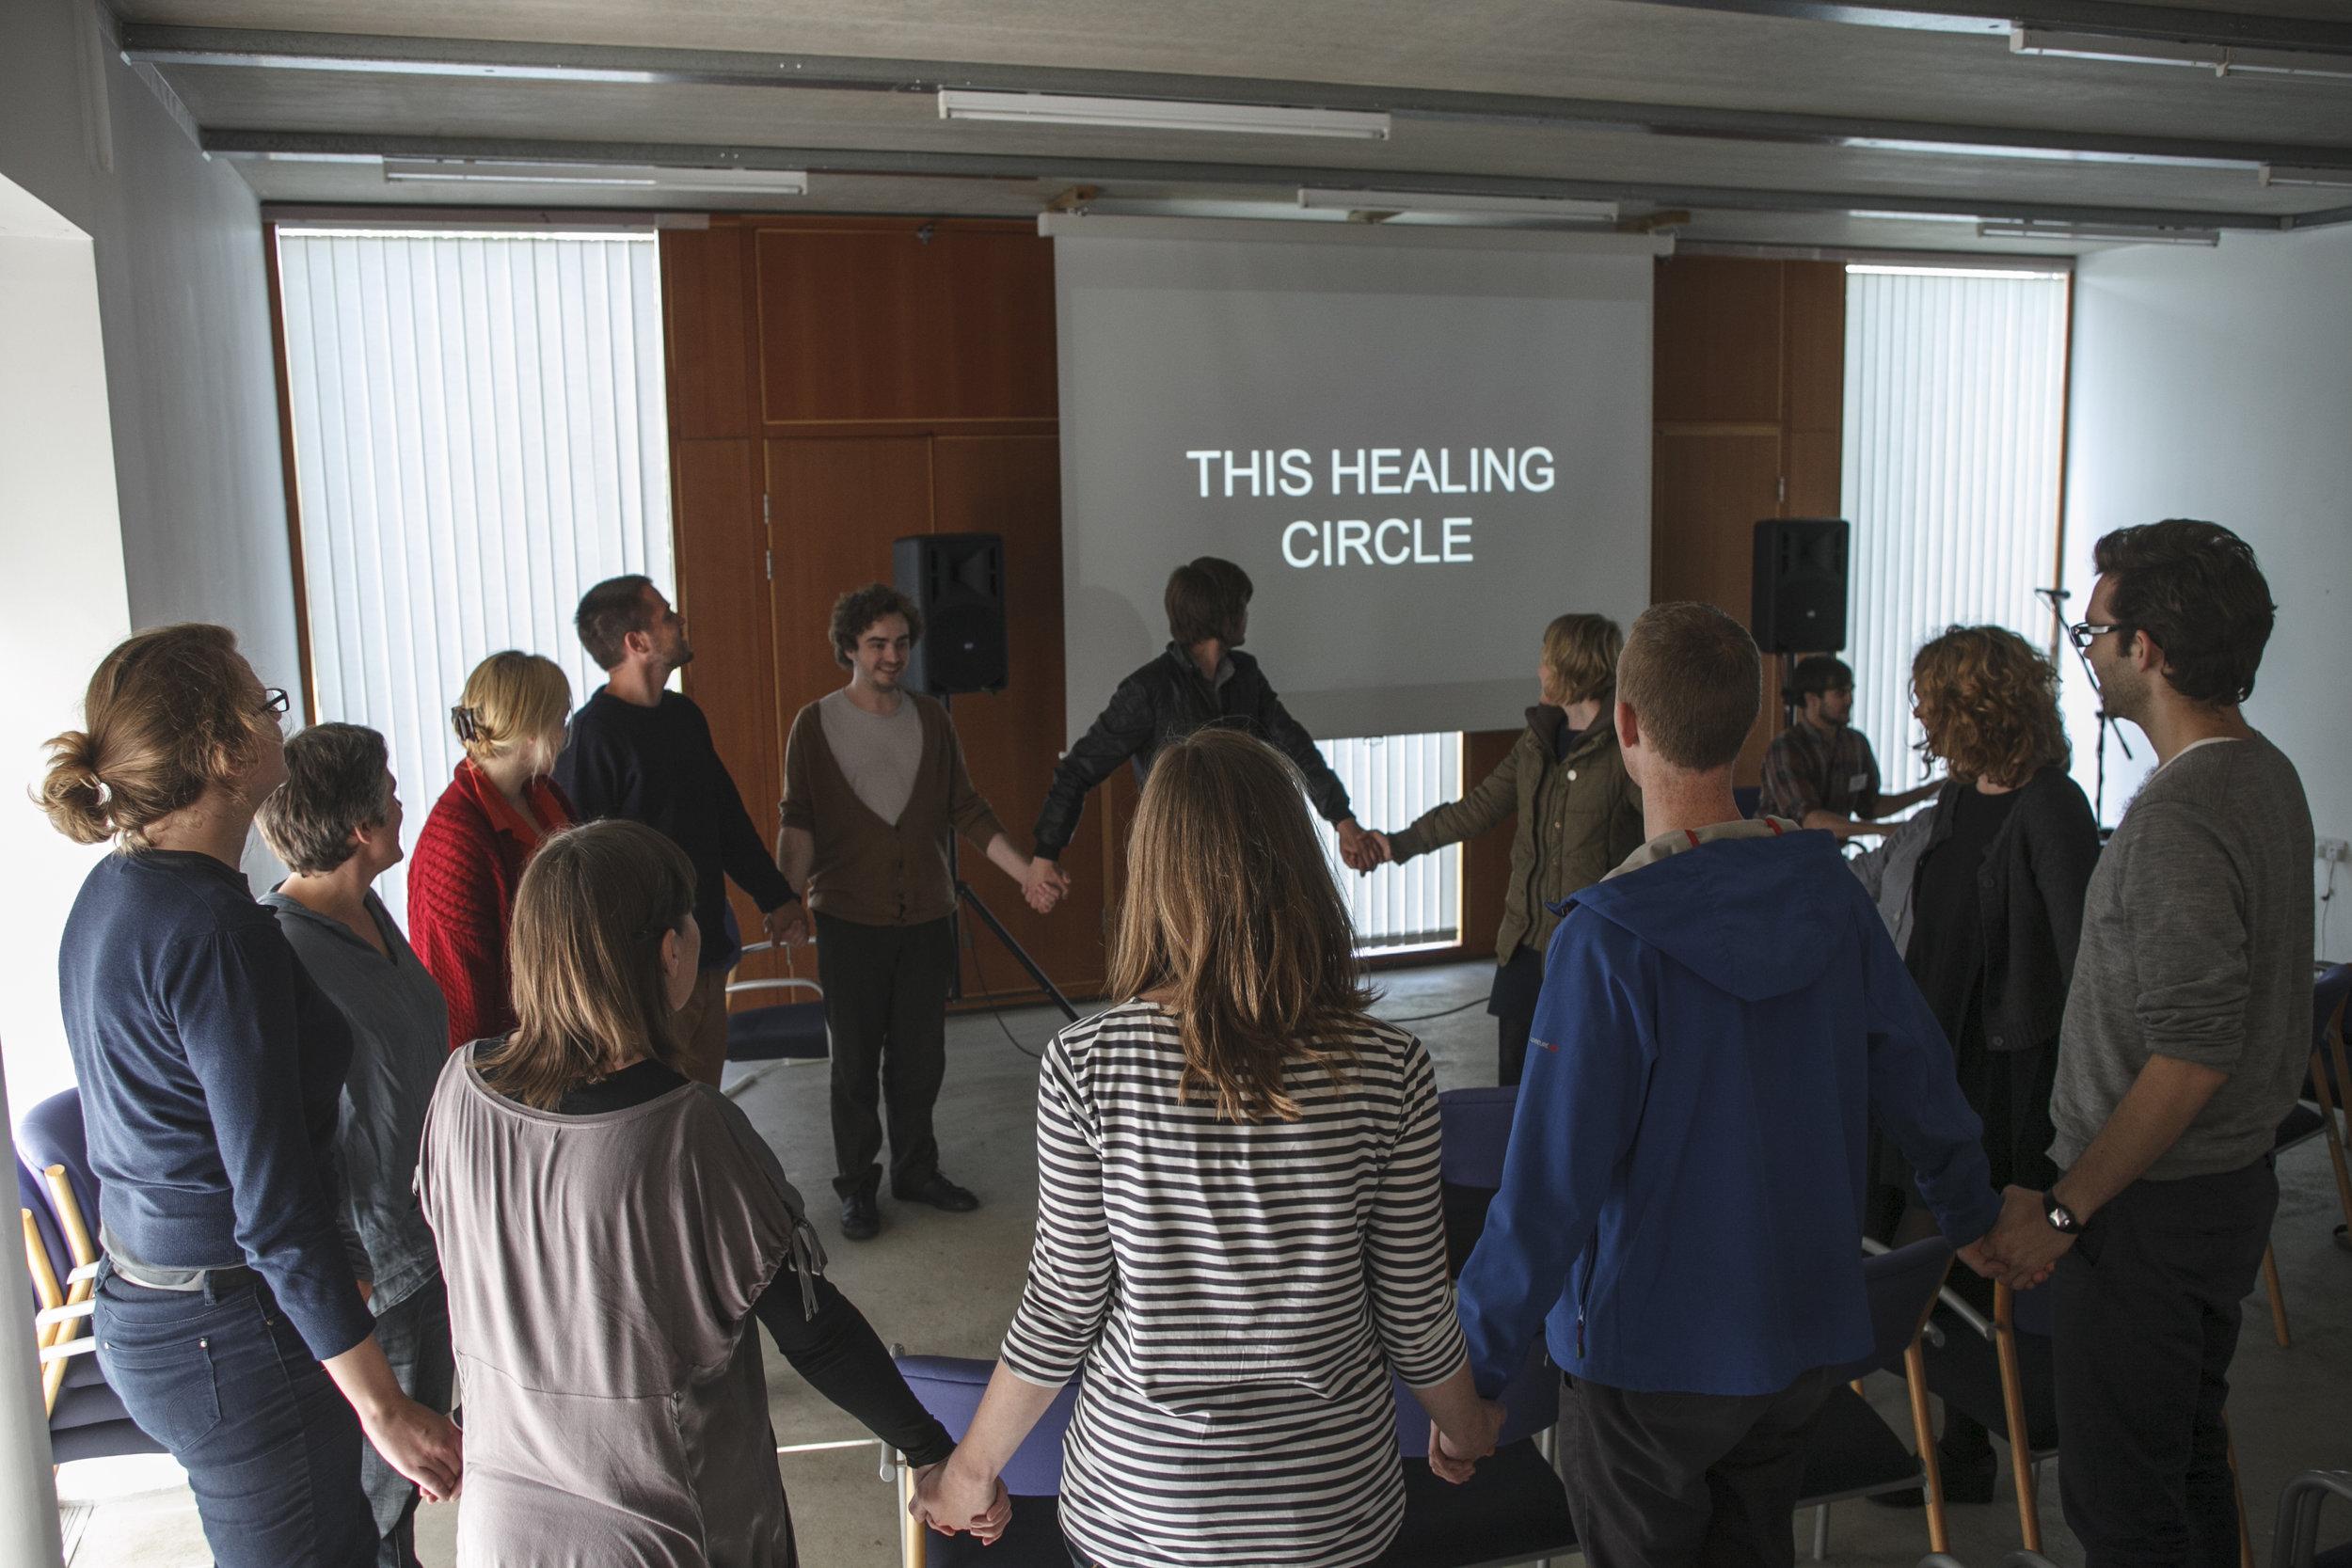 Restorative Non-Violent Healing Circle, 2012